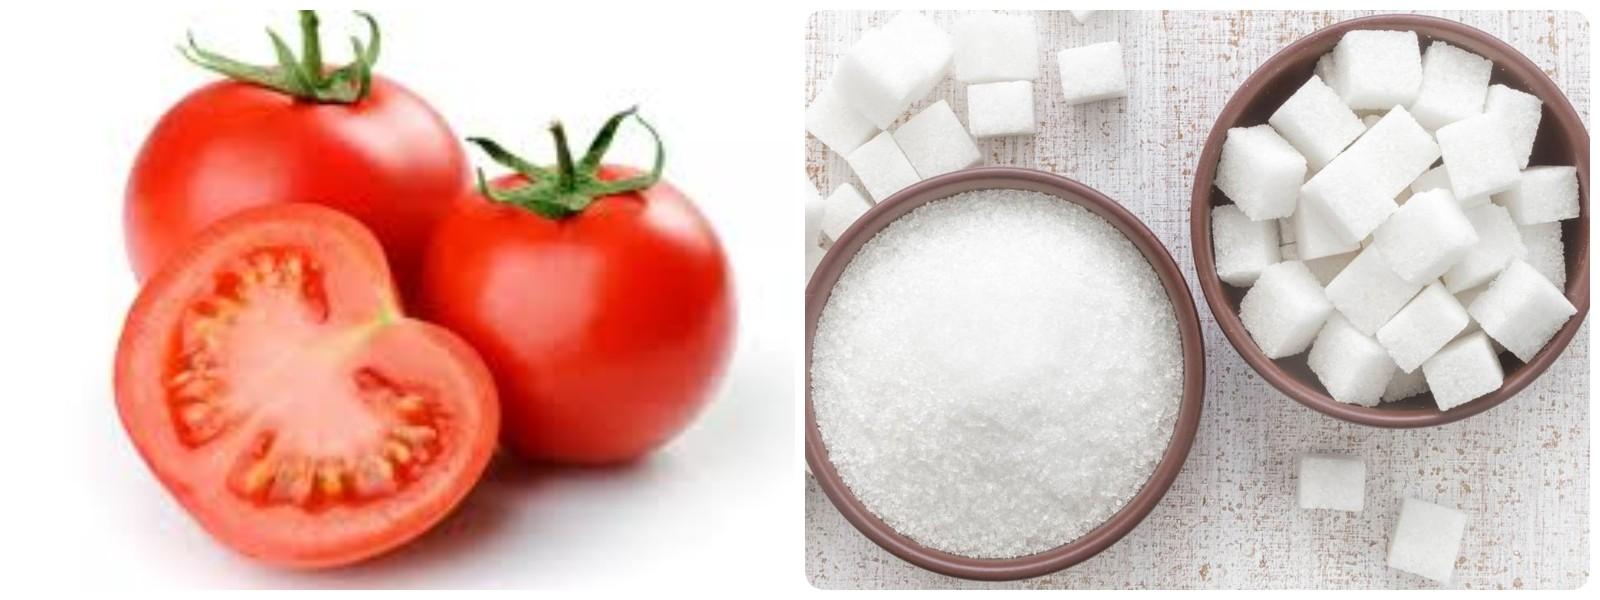 Trị sẹo mụn bằng cà chua kết hợp đường